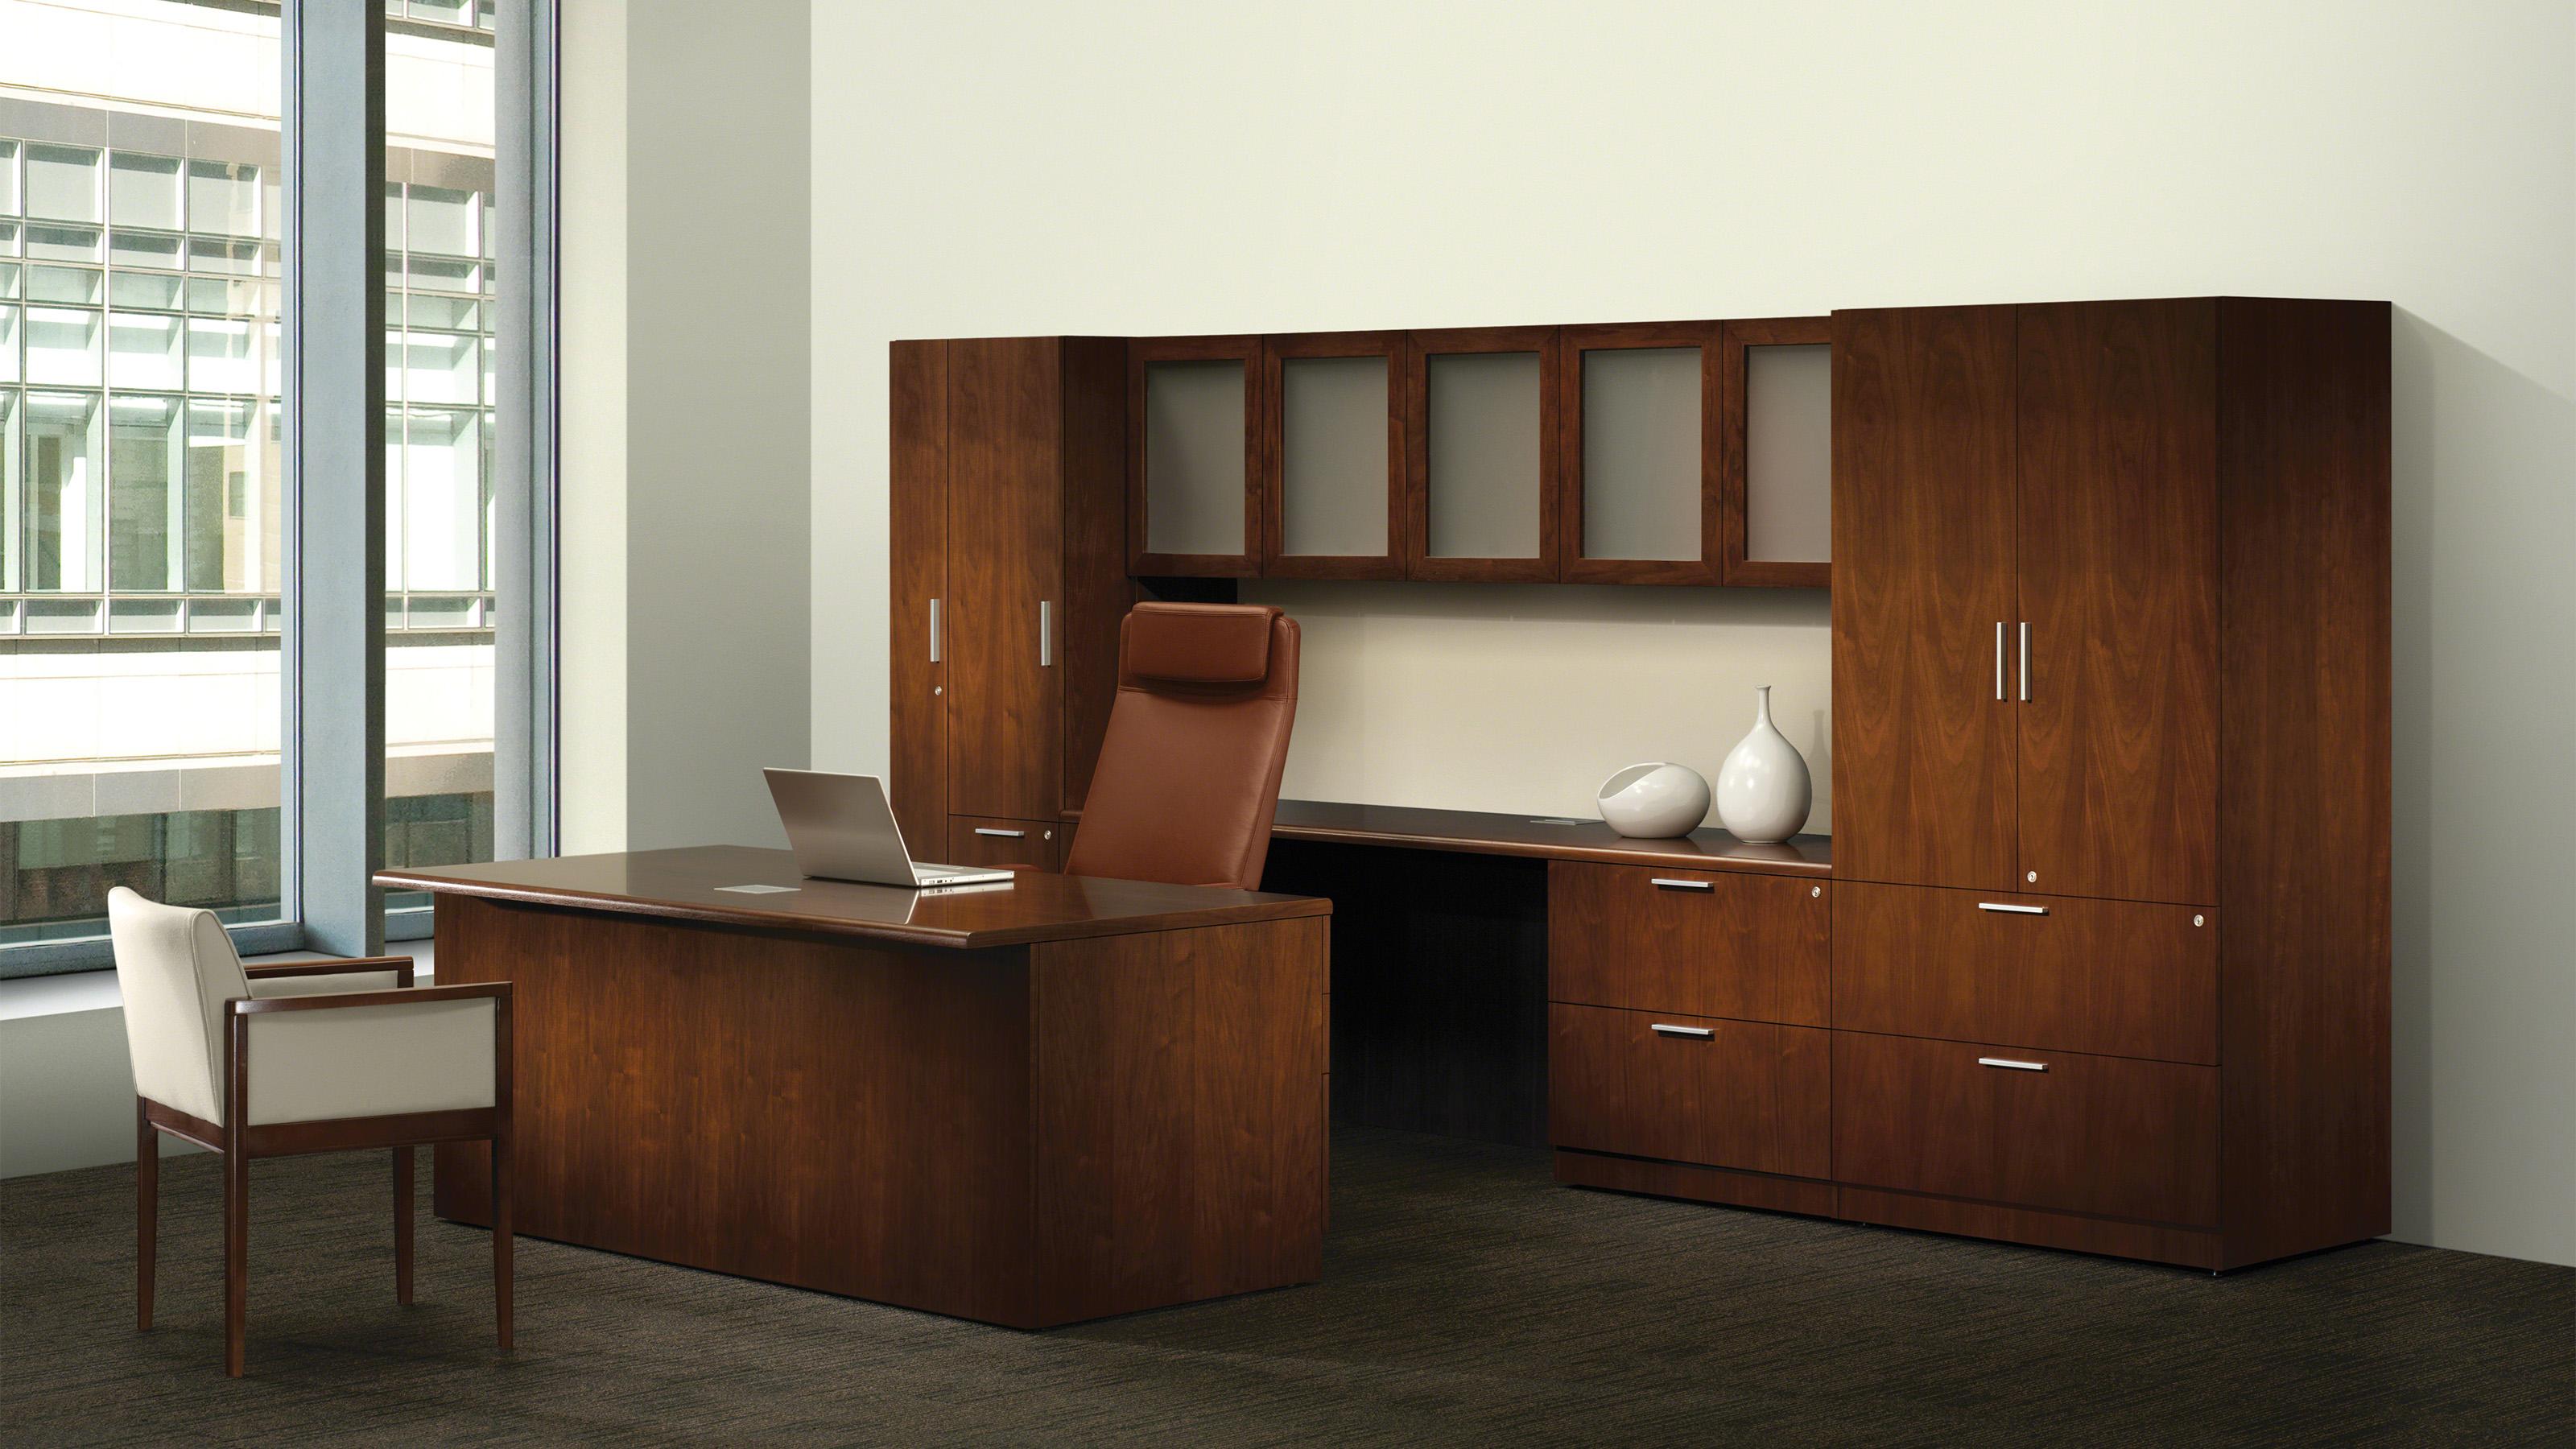 Walden Storage Casegoods & Office Desks